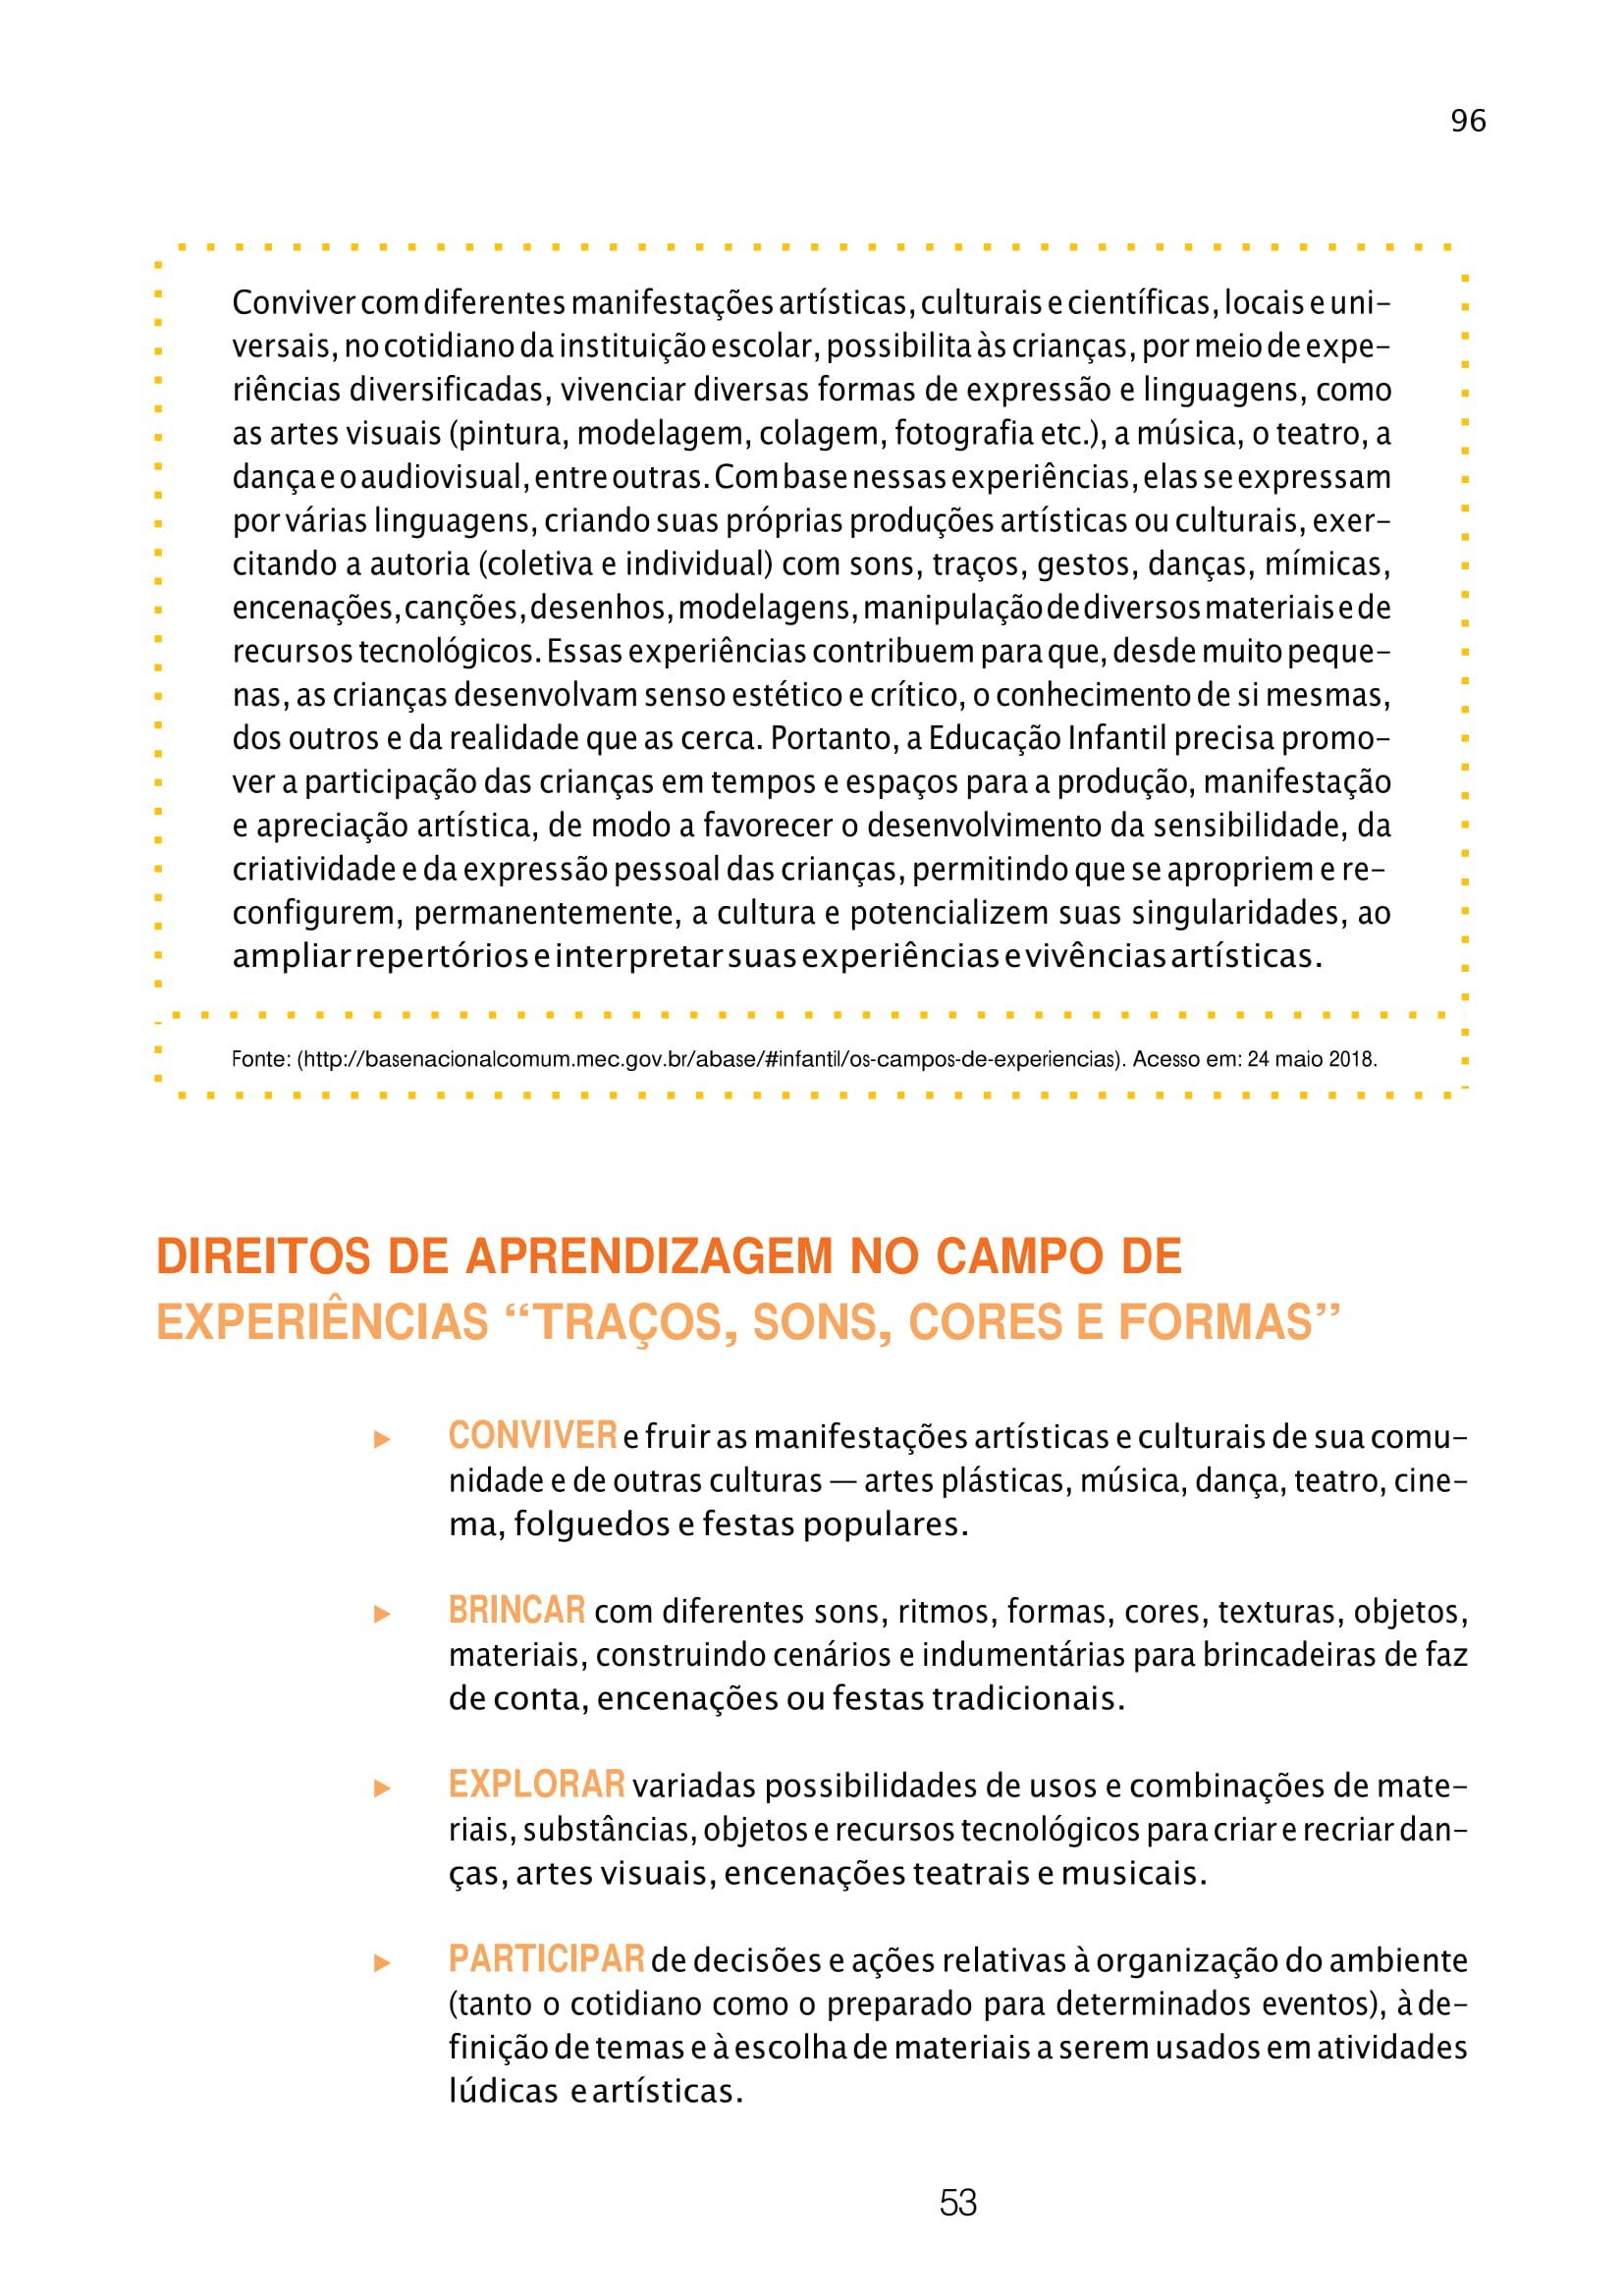 planejamento-educação-infantil-bncc-geral-126